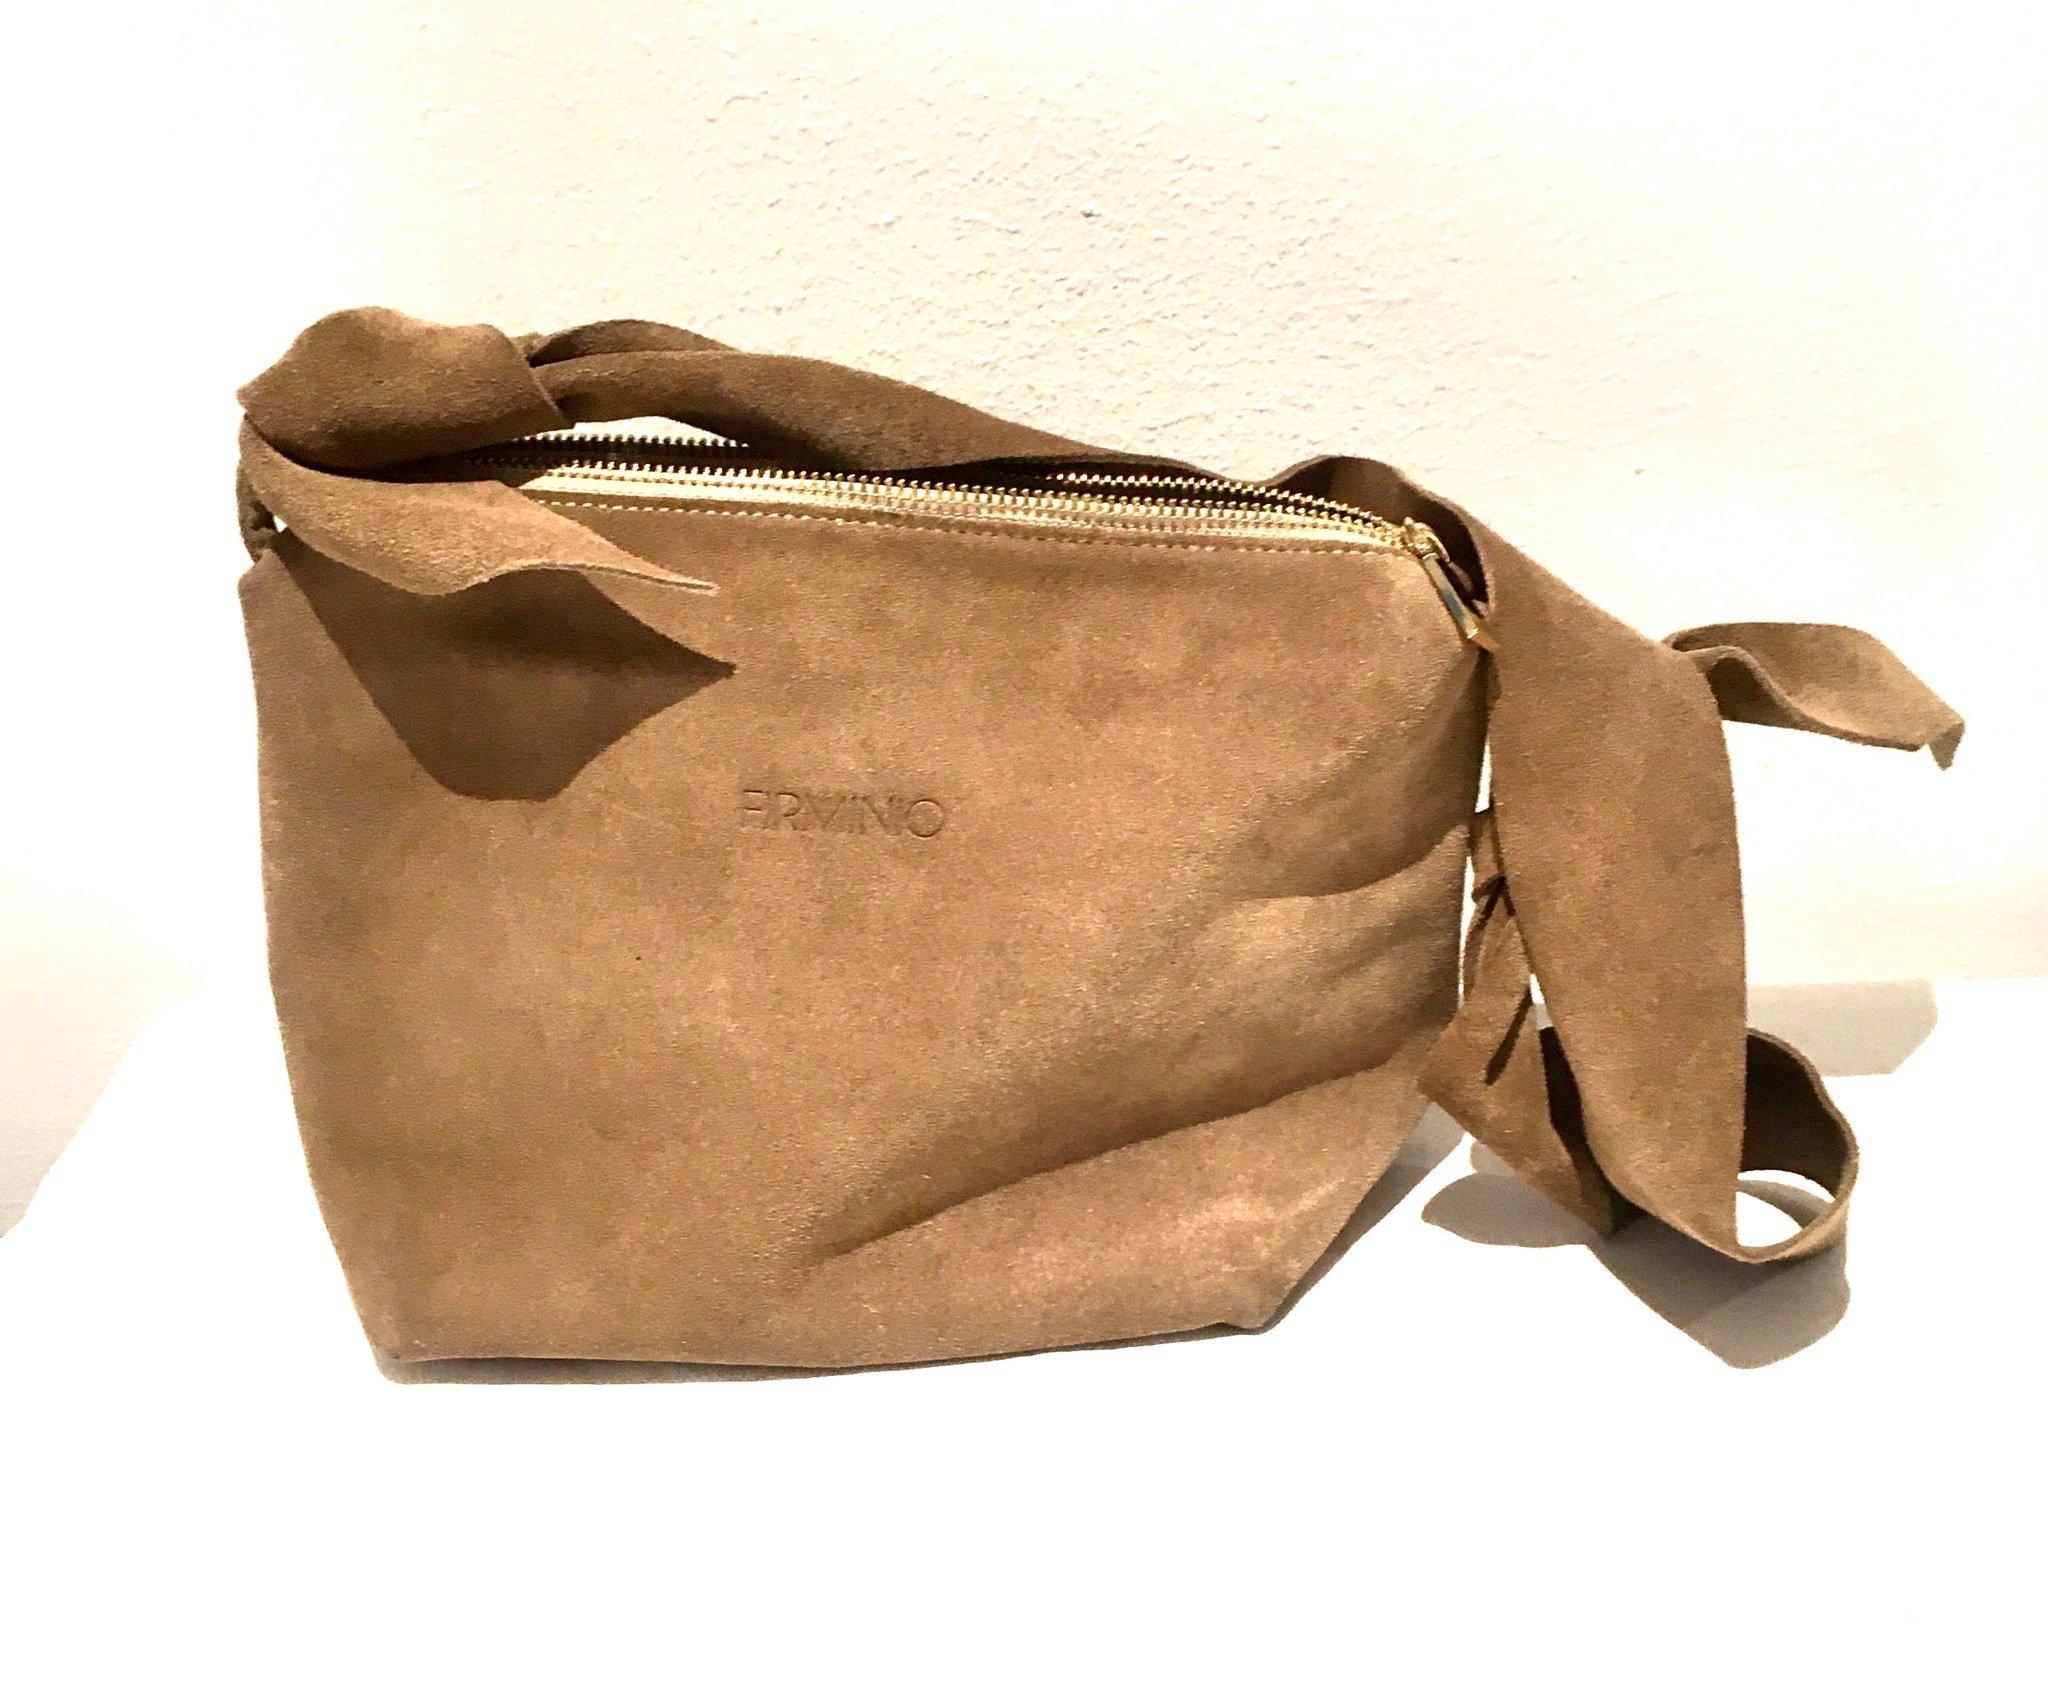 italiensk mocka väska